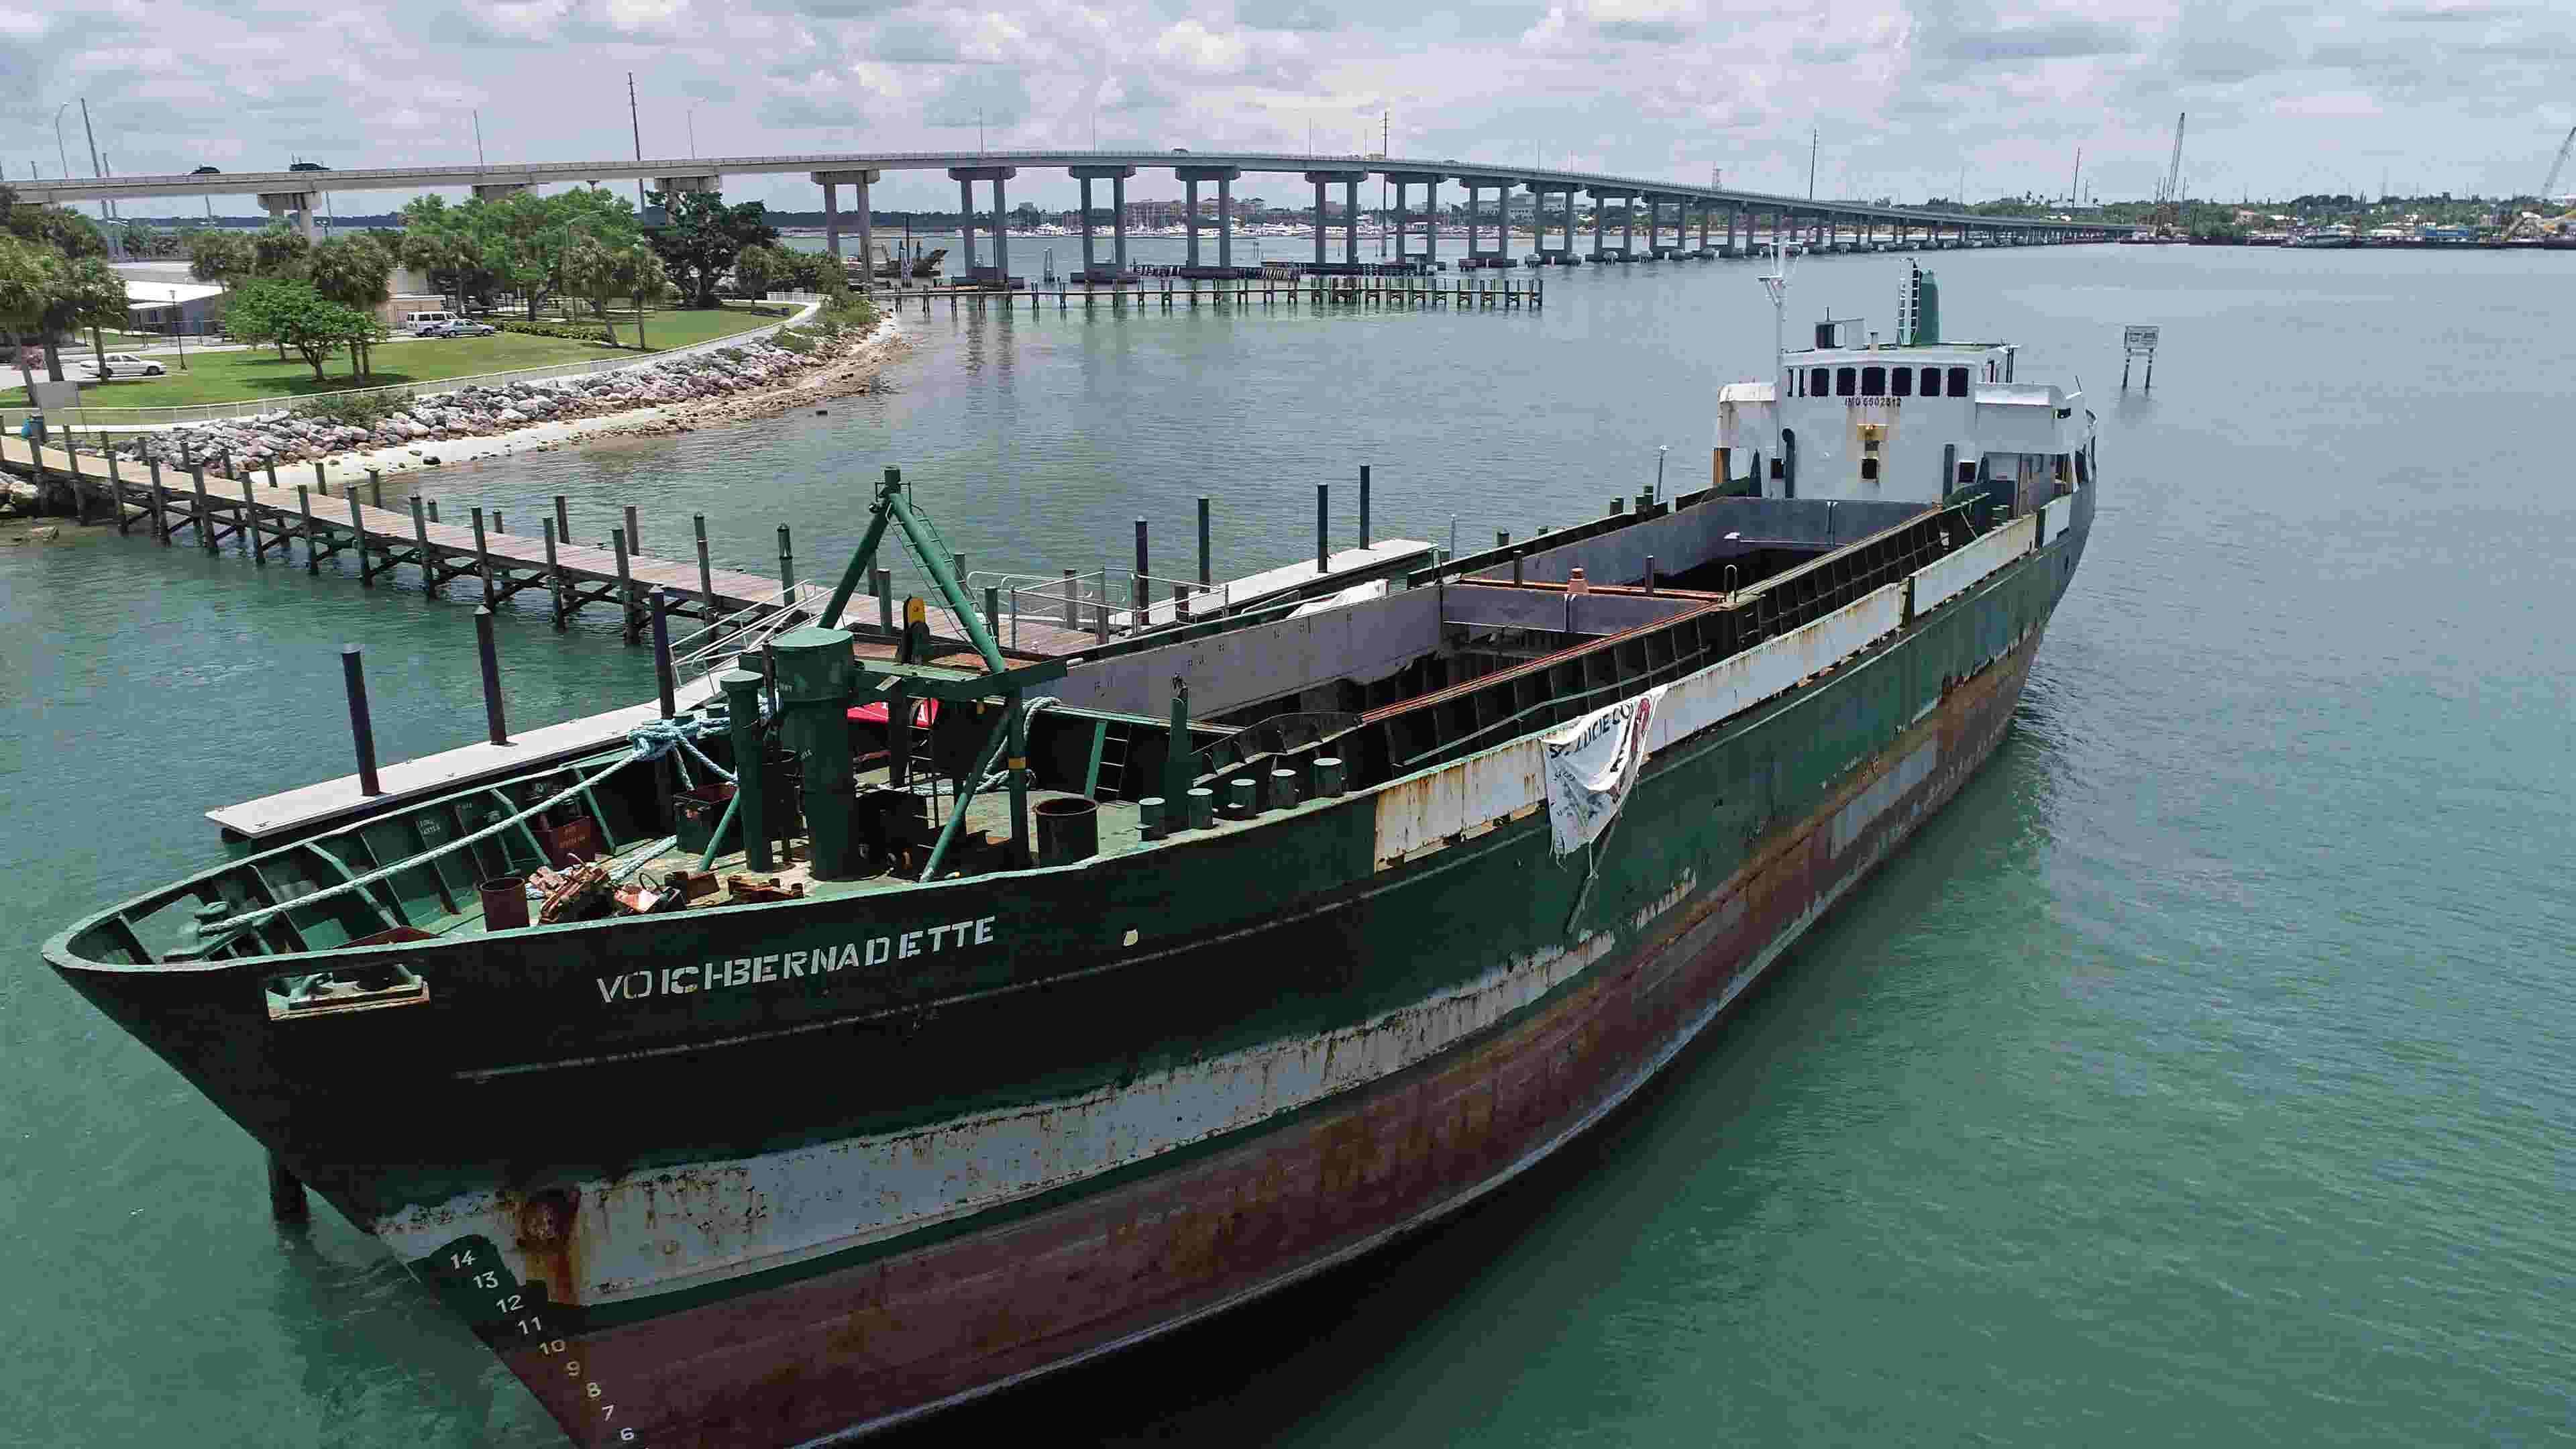 Drone video: Former smuggling ship Voici Bernadette set to sink, provide  ocean refuge